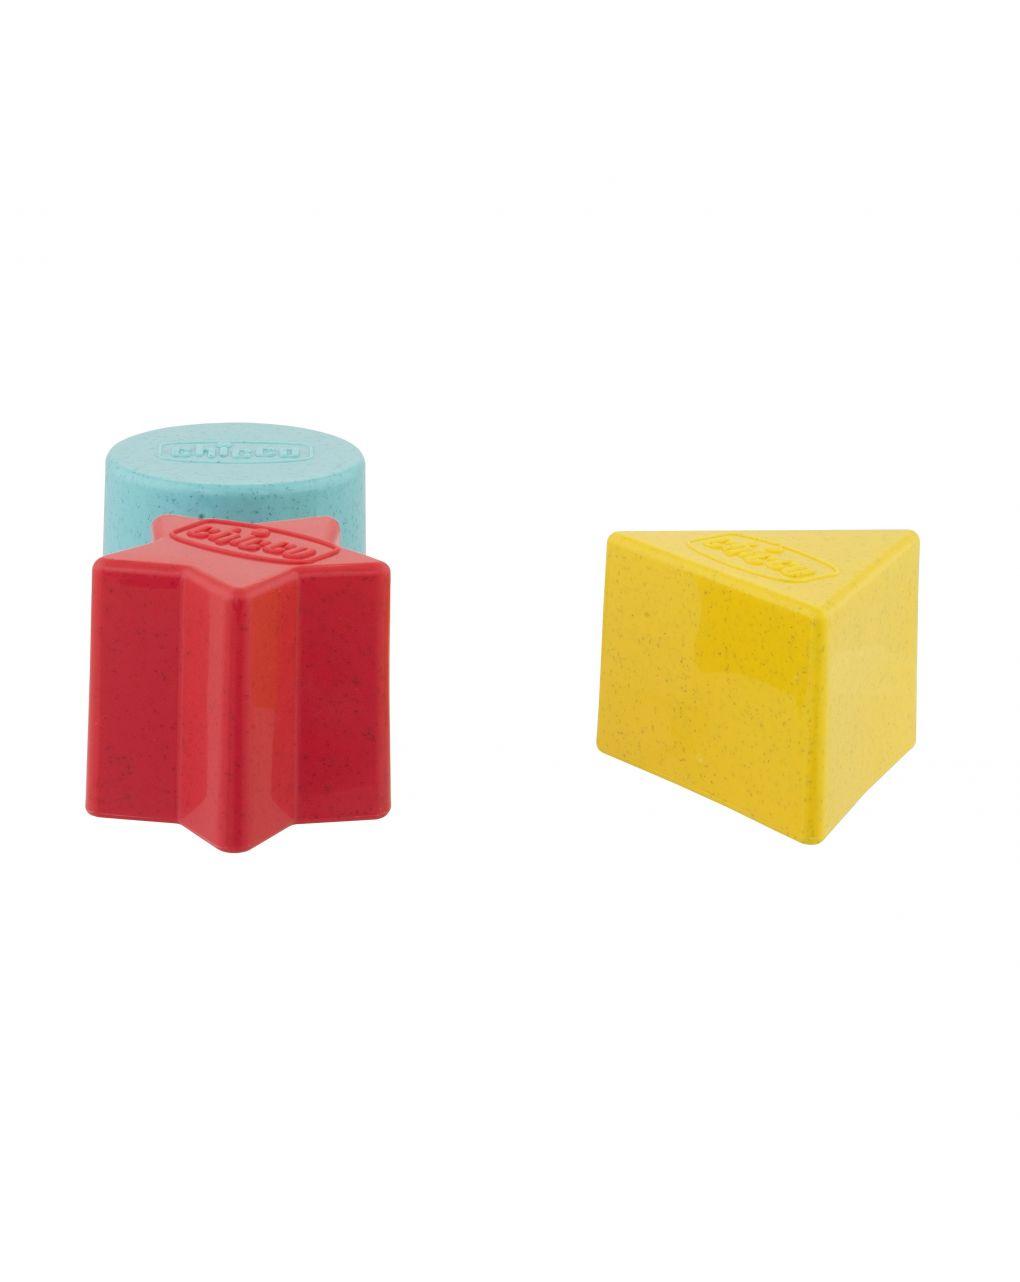 Chicco tazze impilabili 2in1 eco+ - Chicco